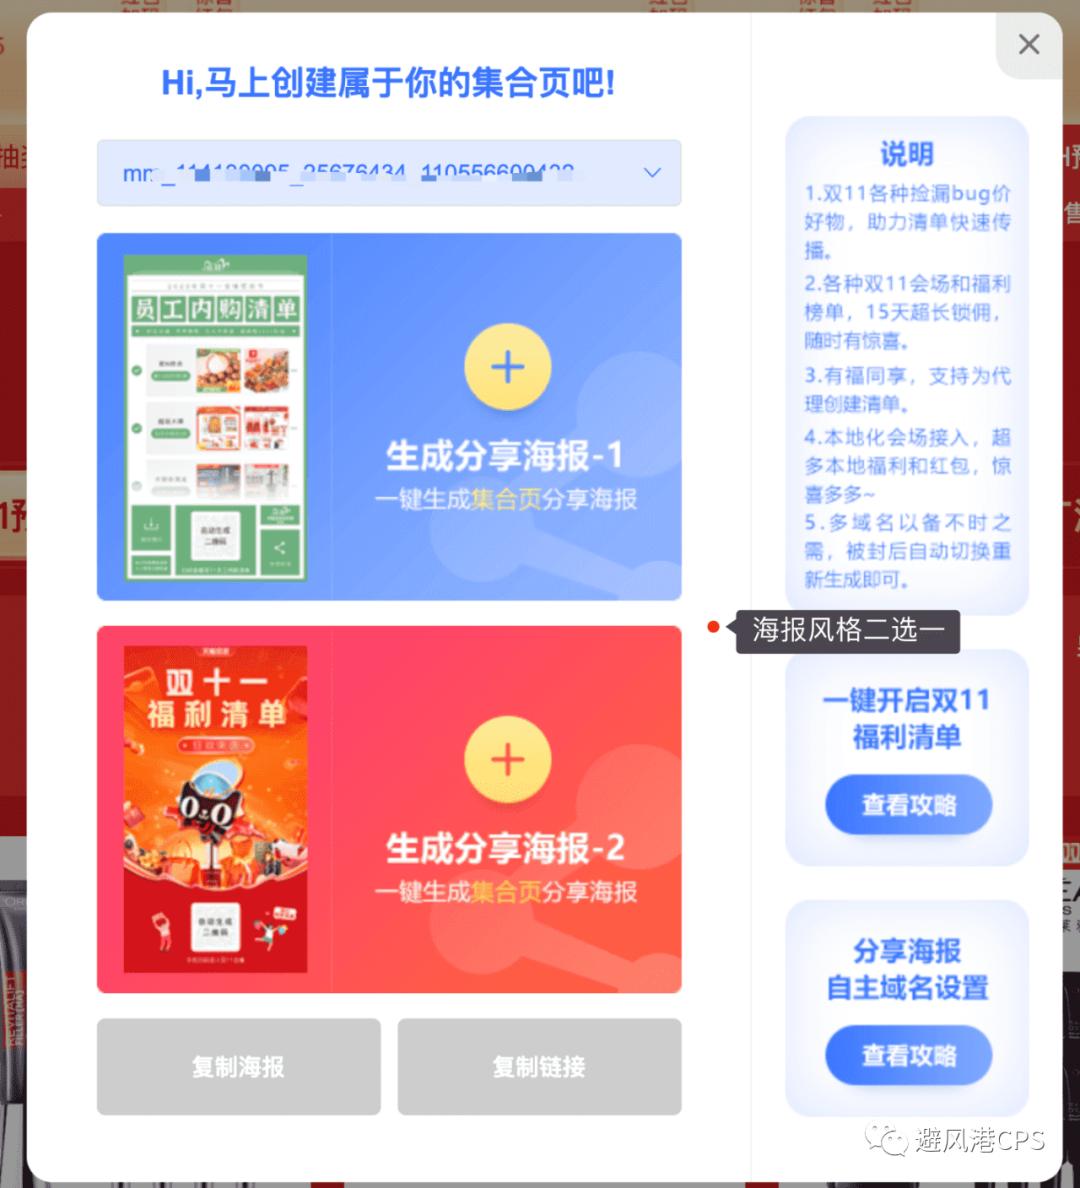 半价免单商品都在这,教你生成<a href='https://www.zhouxiaohui.cn/taobaoke/'>淘客</a>双11免单页面-第4张图片-周小辉博客